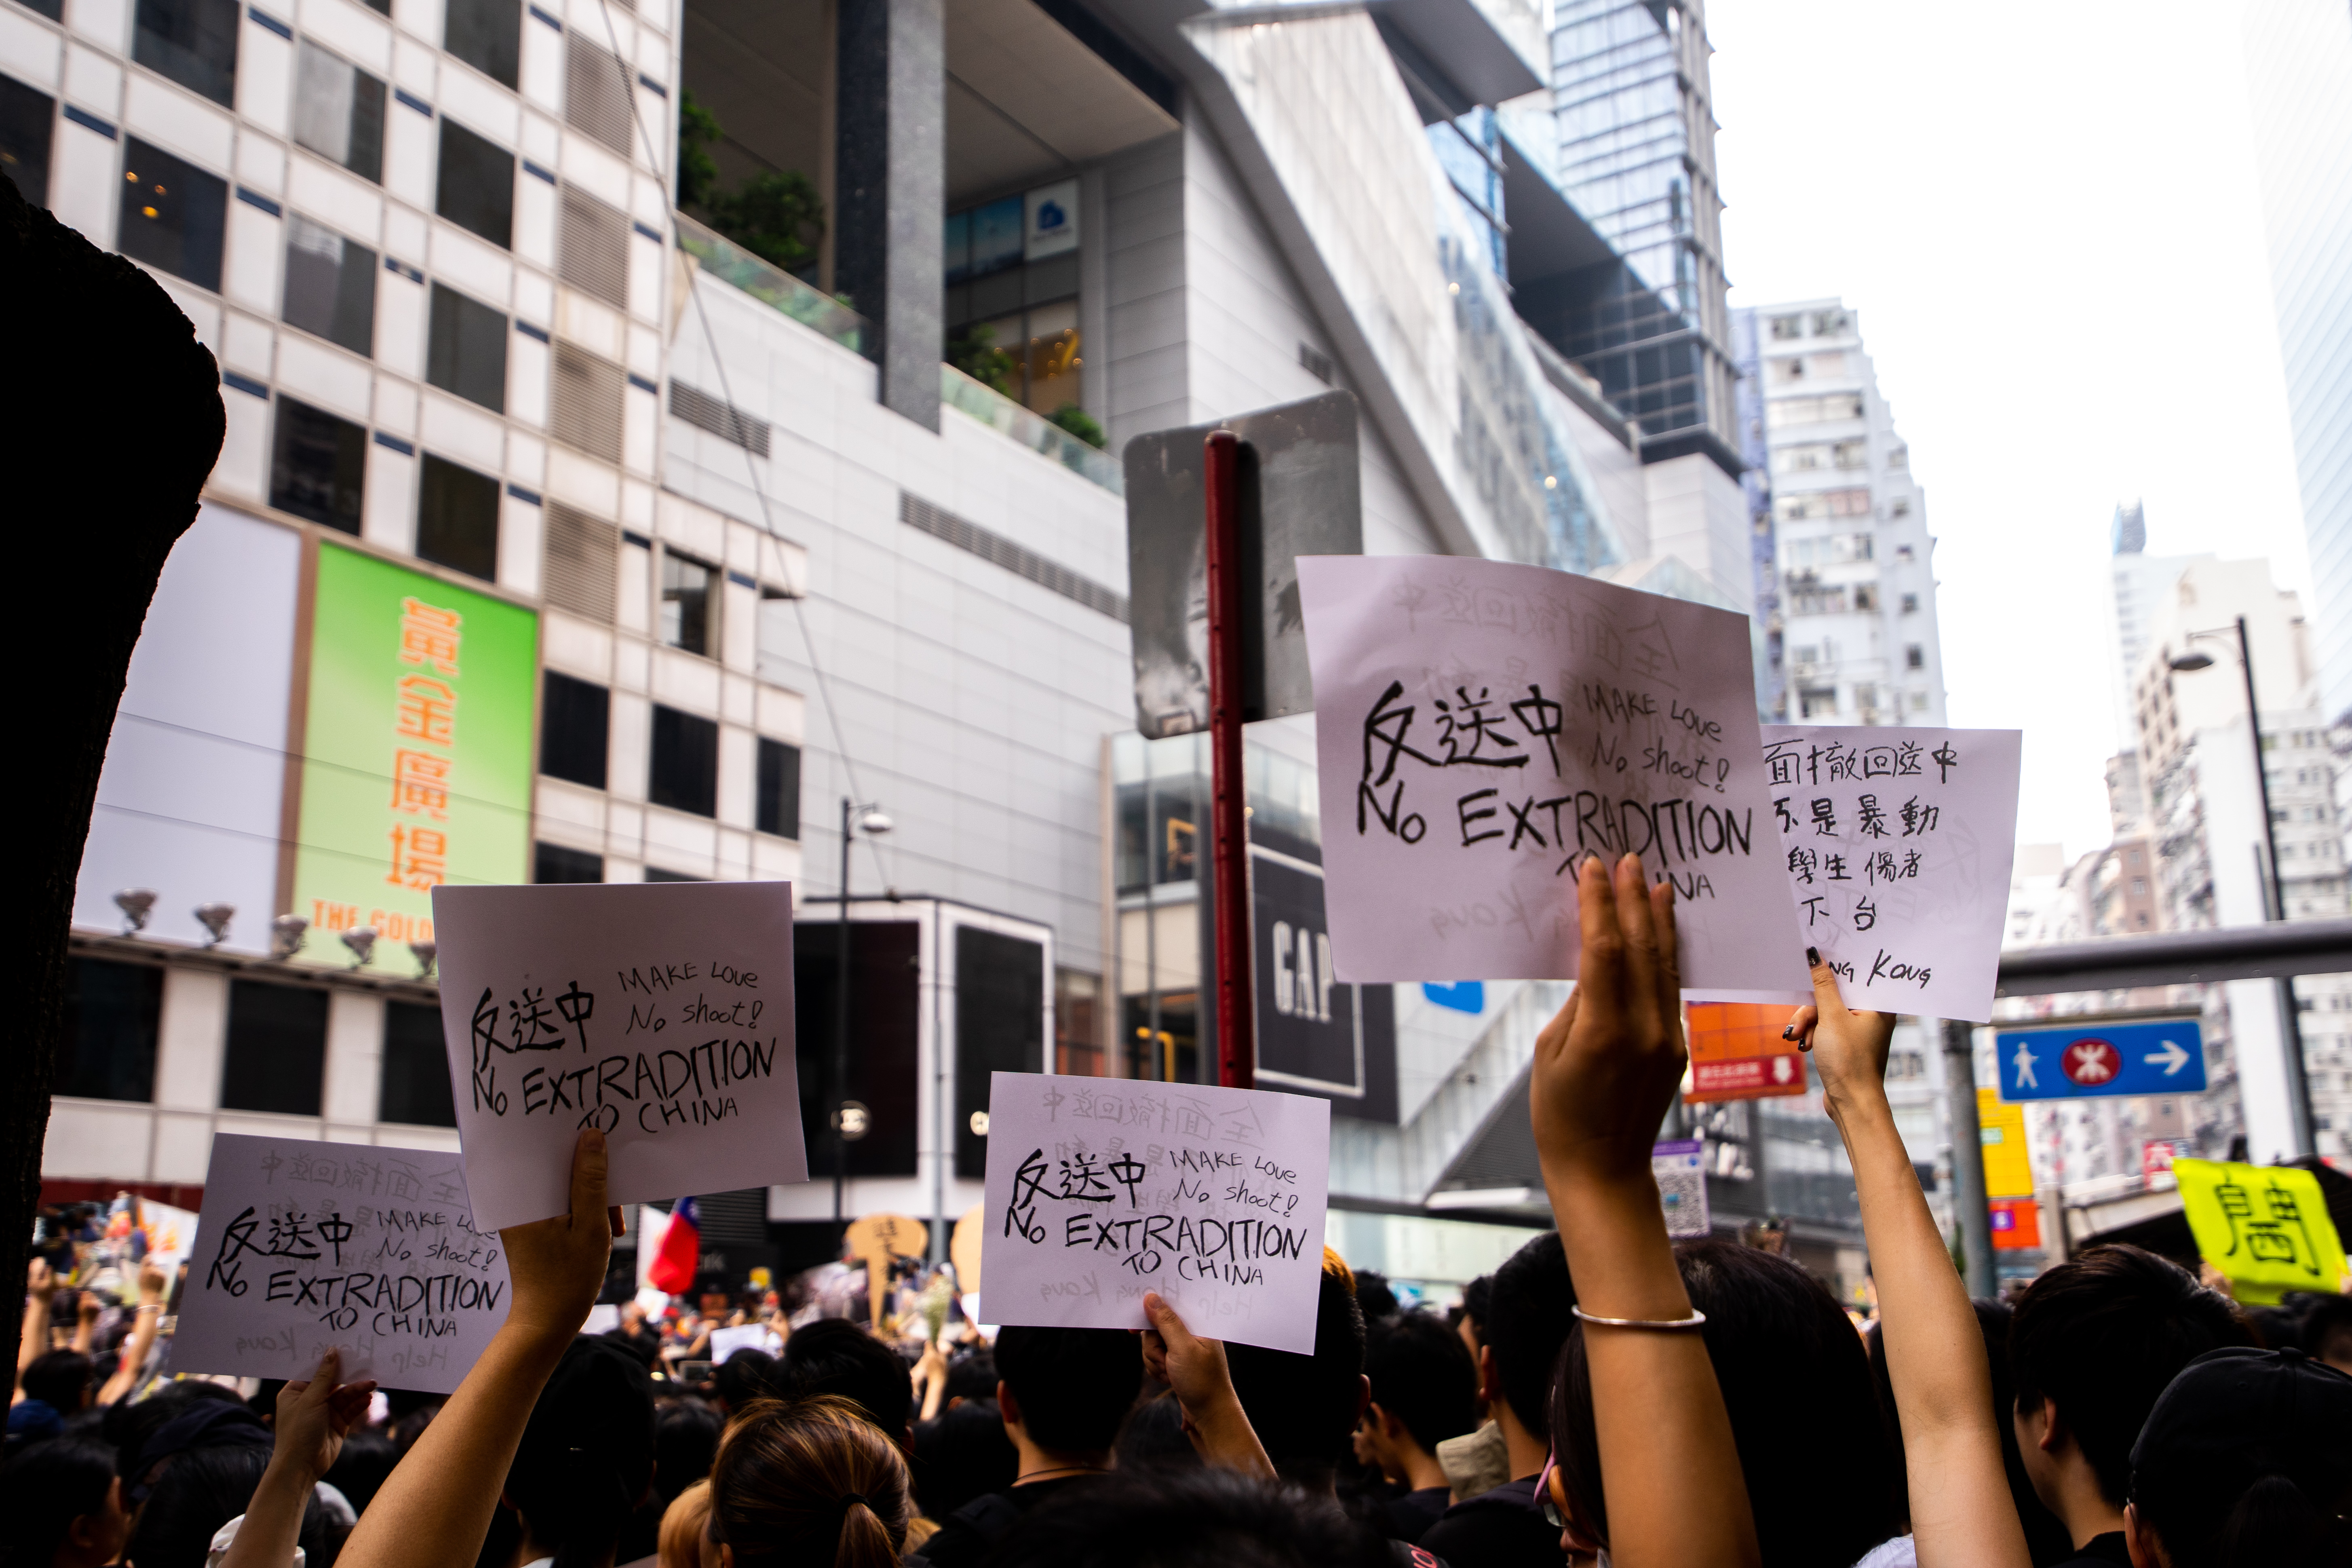 June 9 Hong Kong protest signs